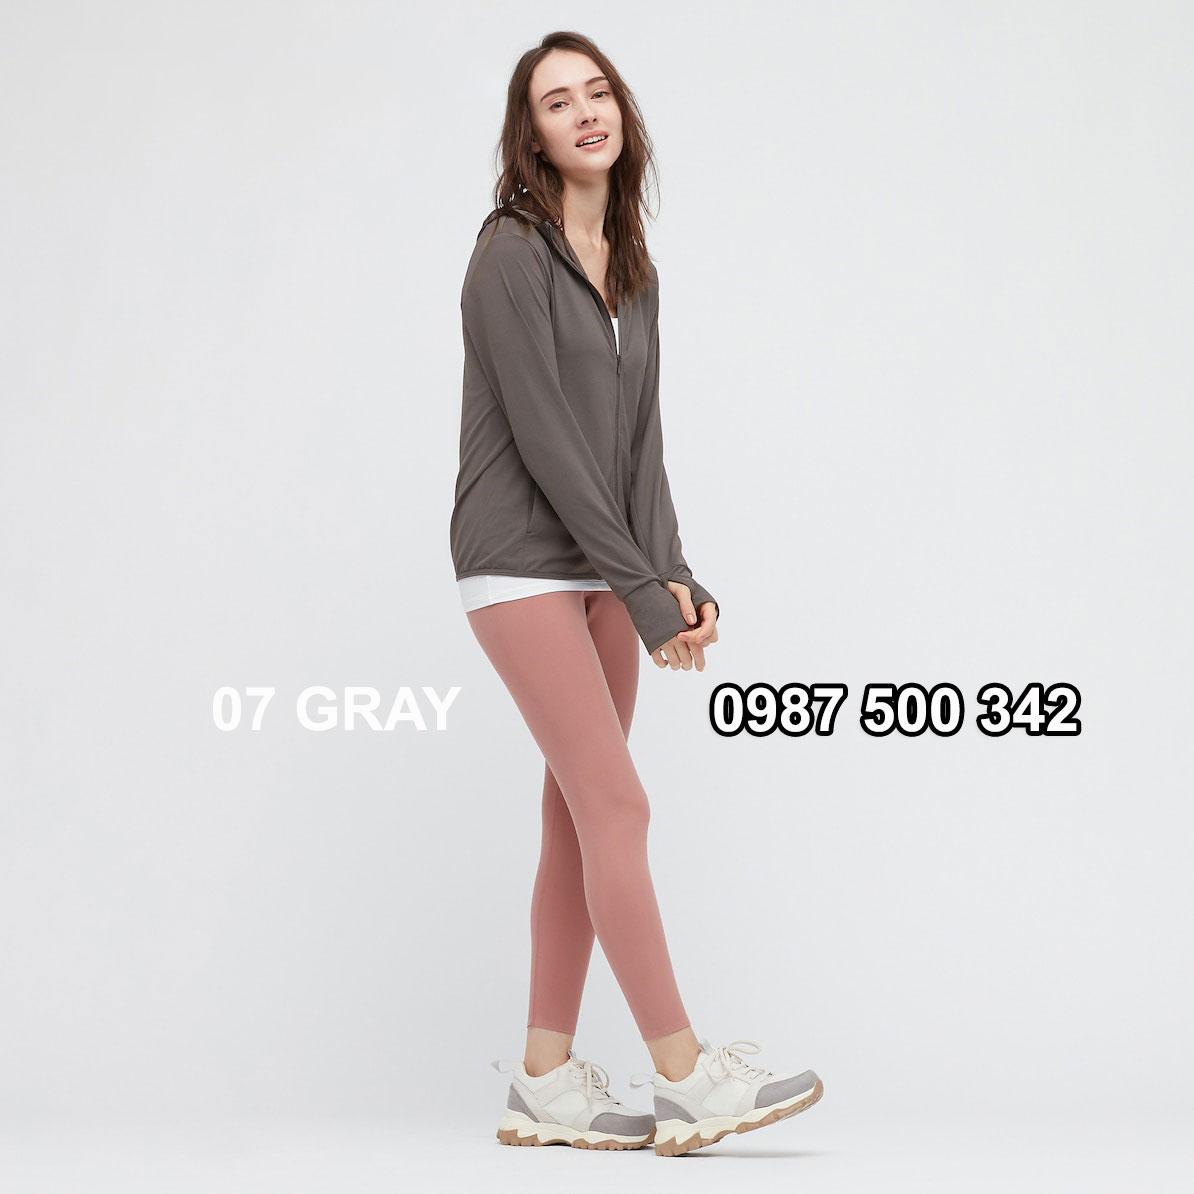 Áo chống nắng nữ AIRism hoodie chống UV vải mắt lưới mẫu mới 2021 433703 màu ghi đậm 07 GRAY